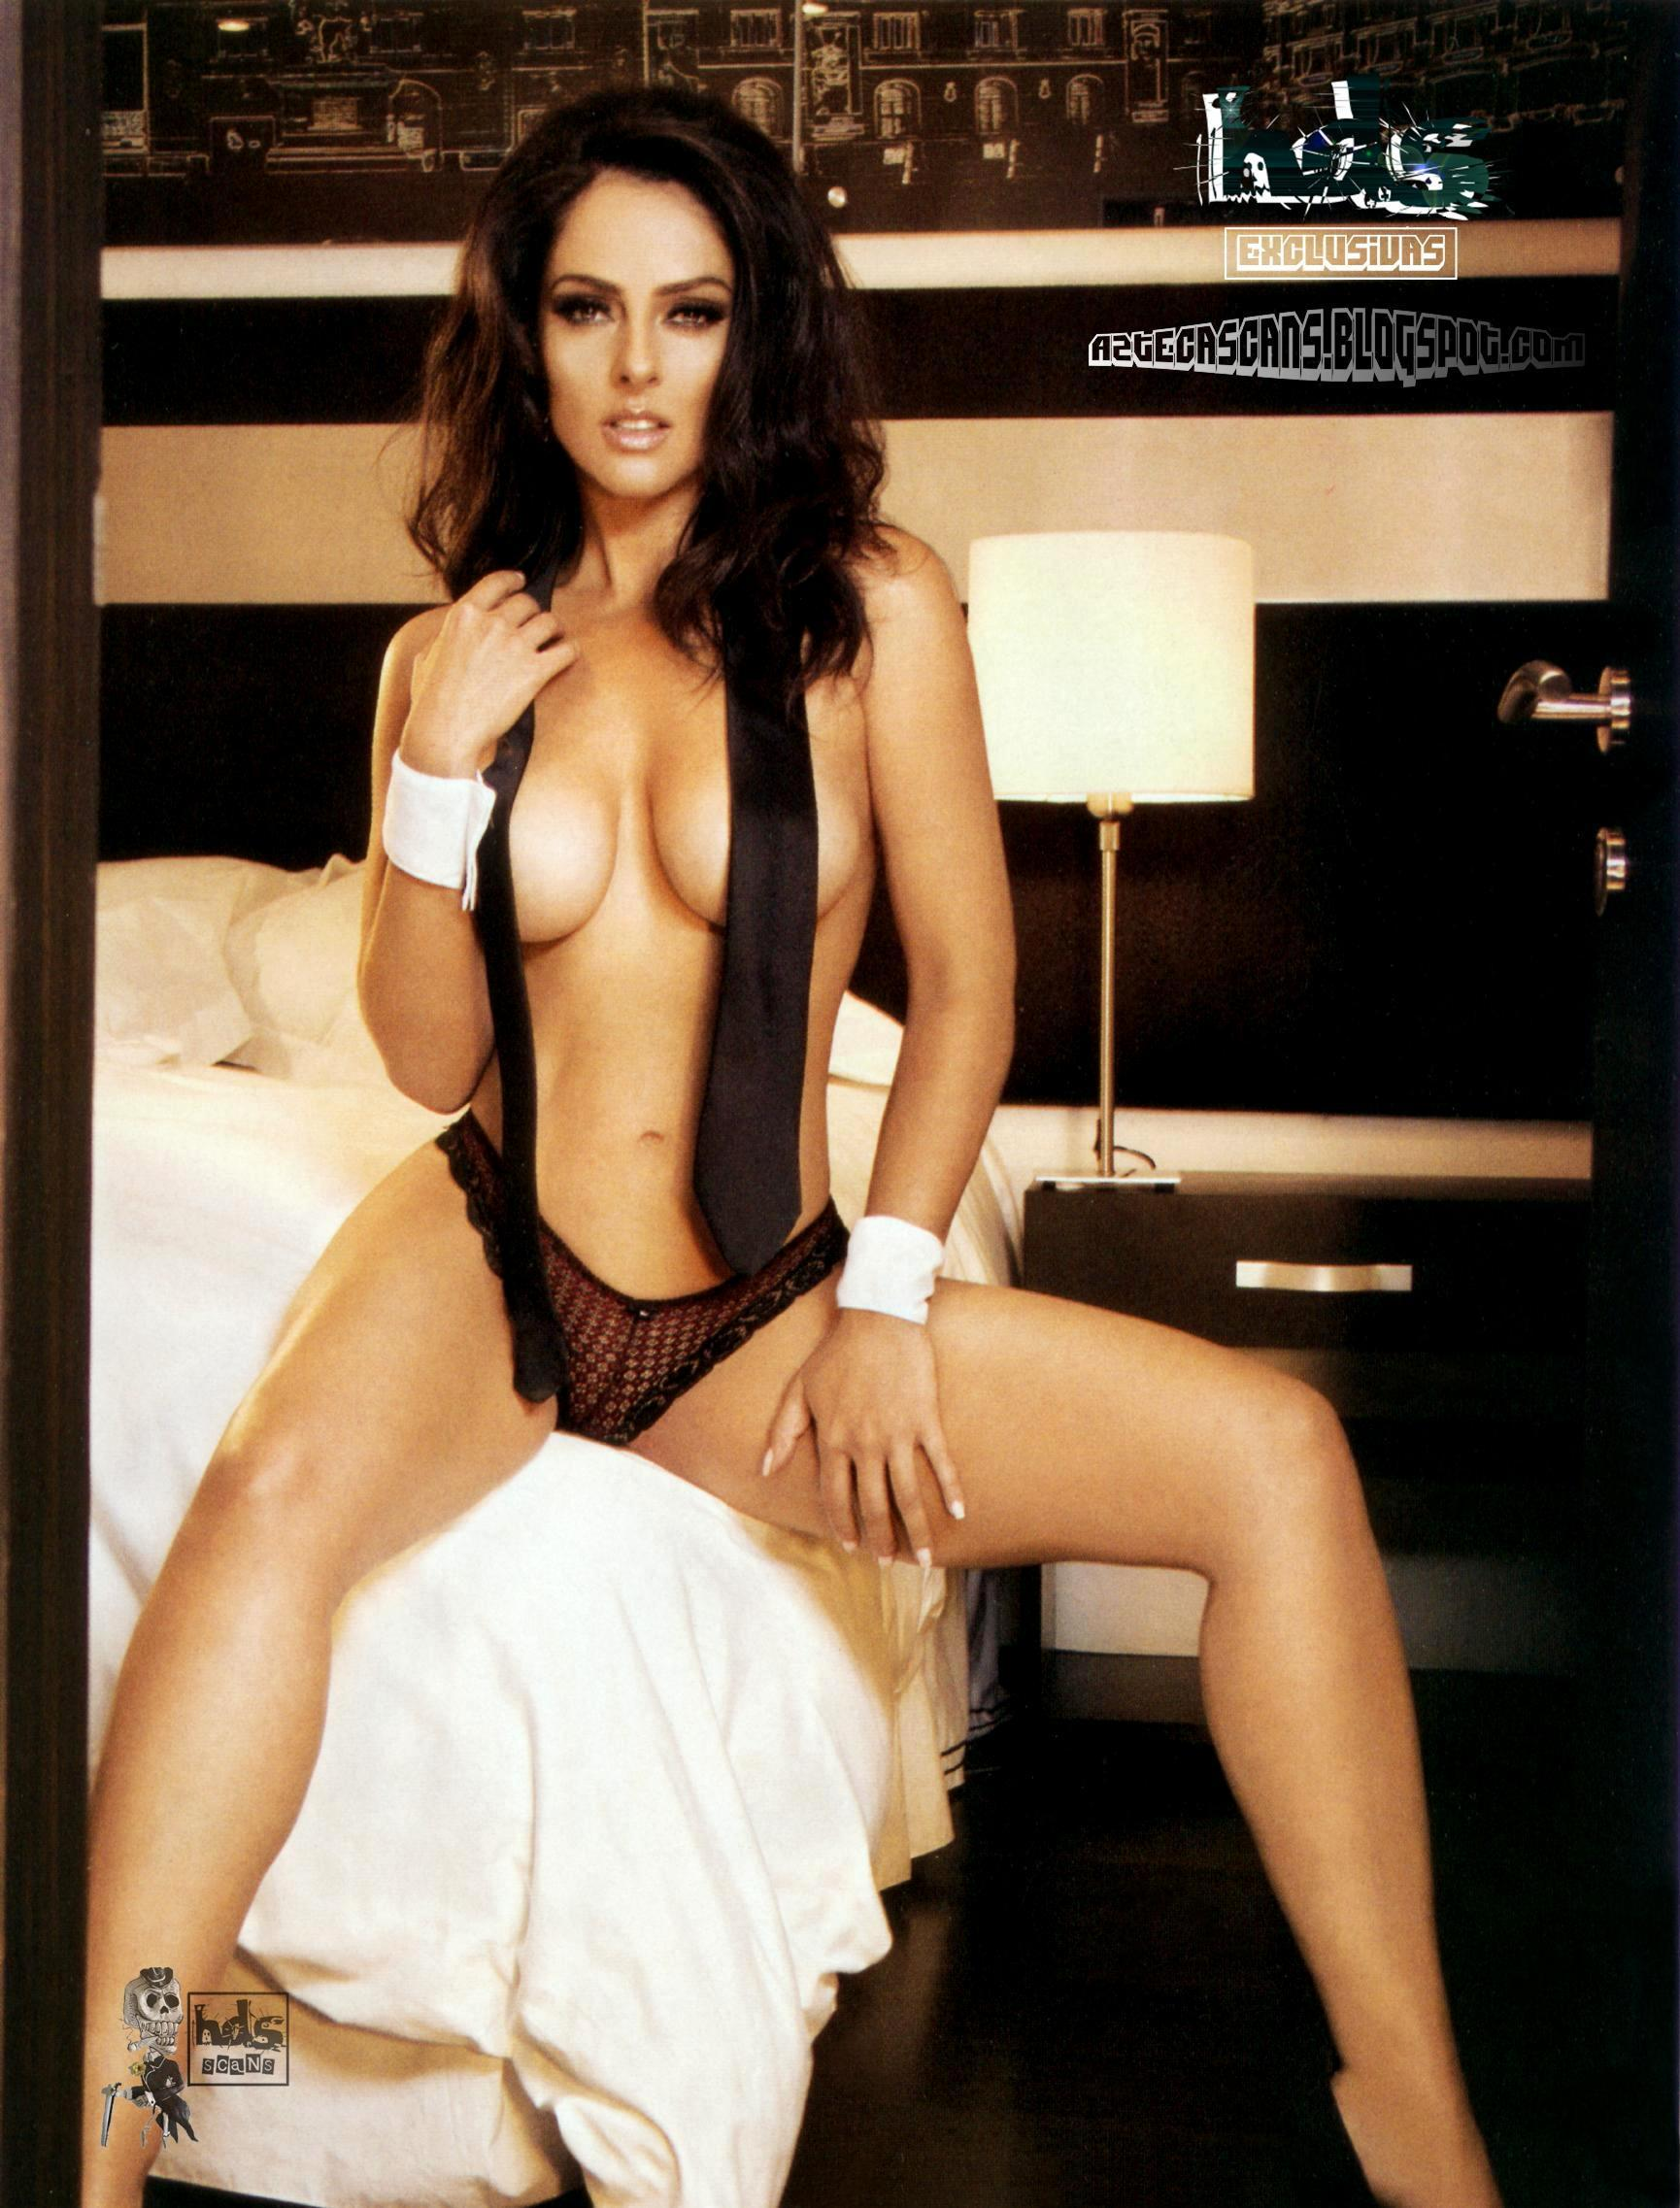 Andrea Garcia belleza